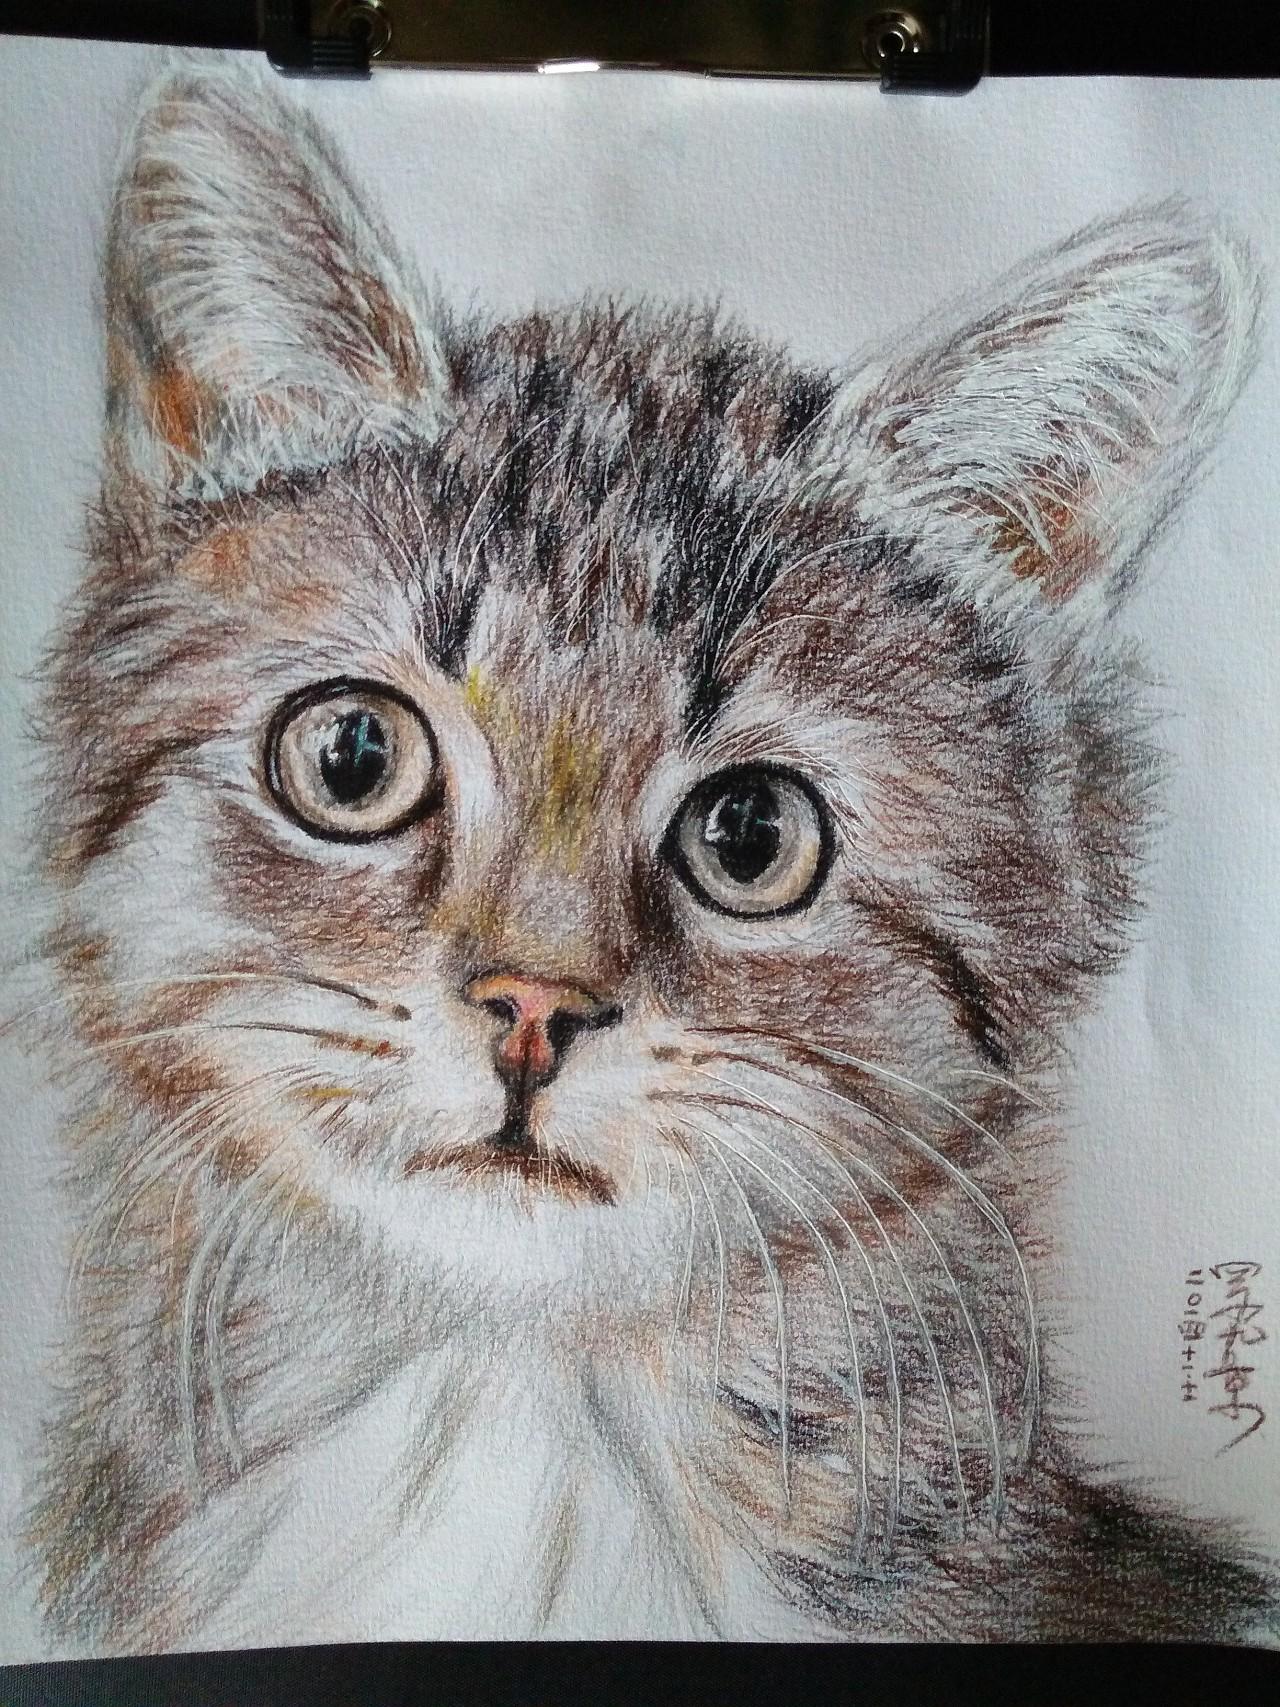 彩铅手绘萌猫